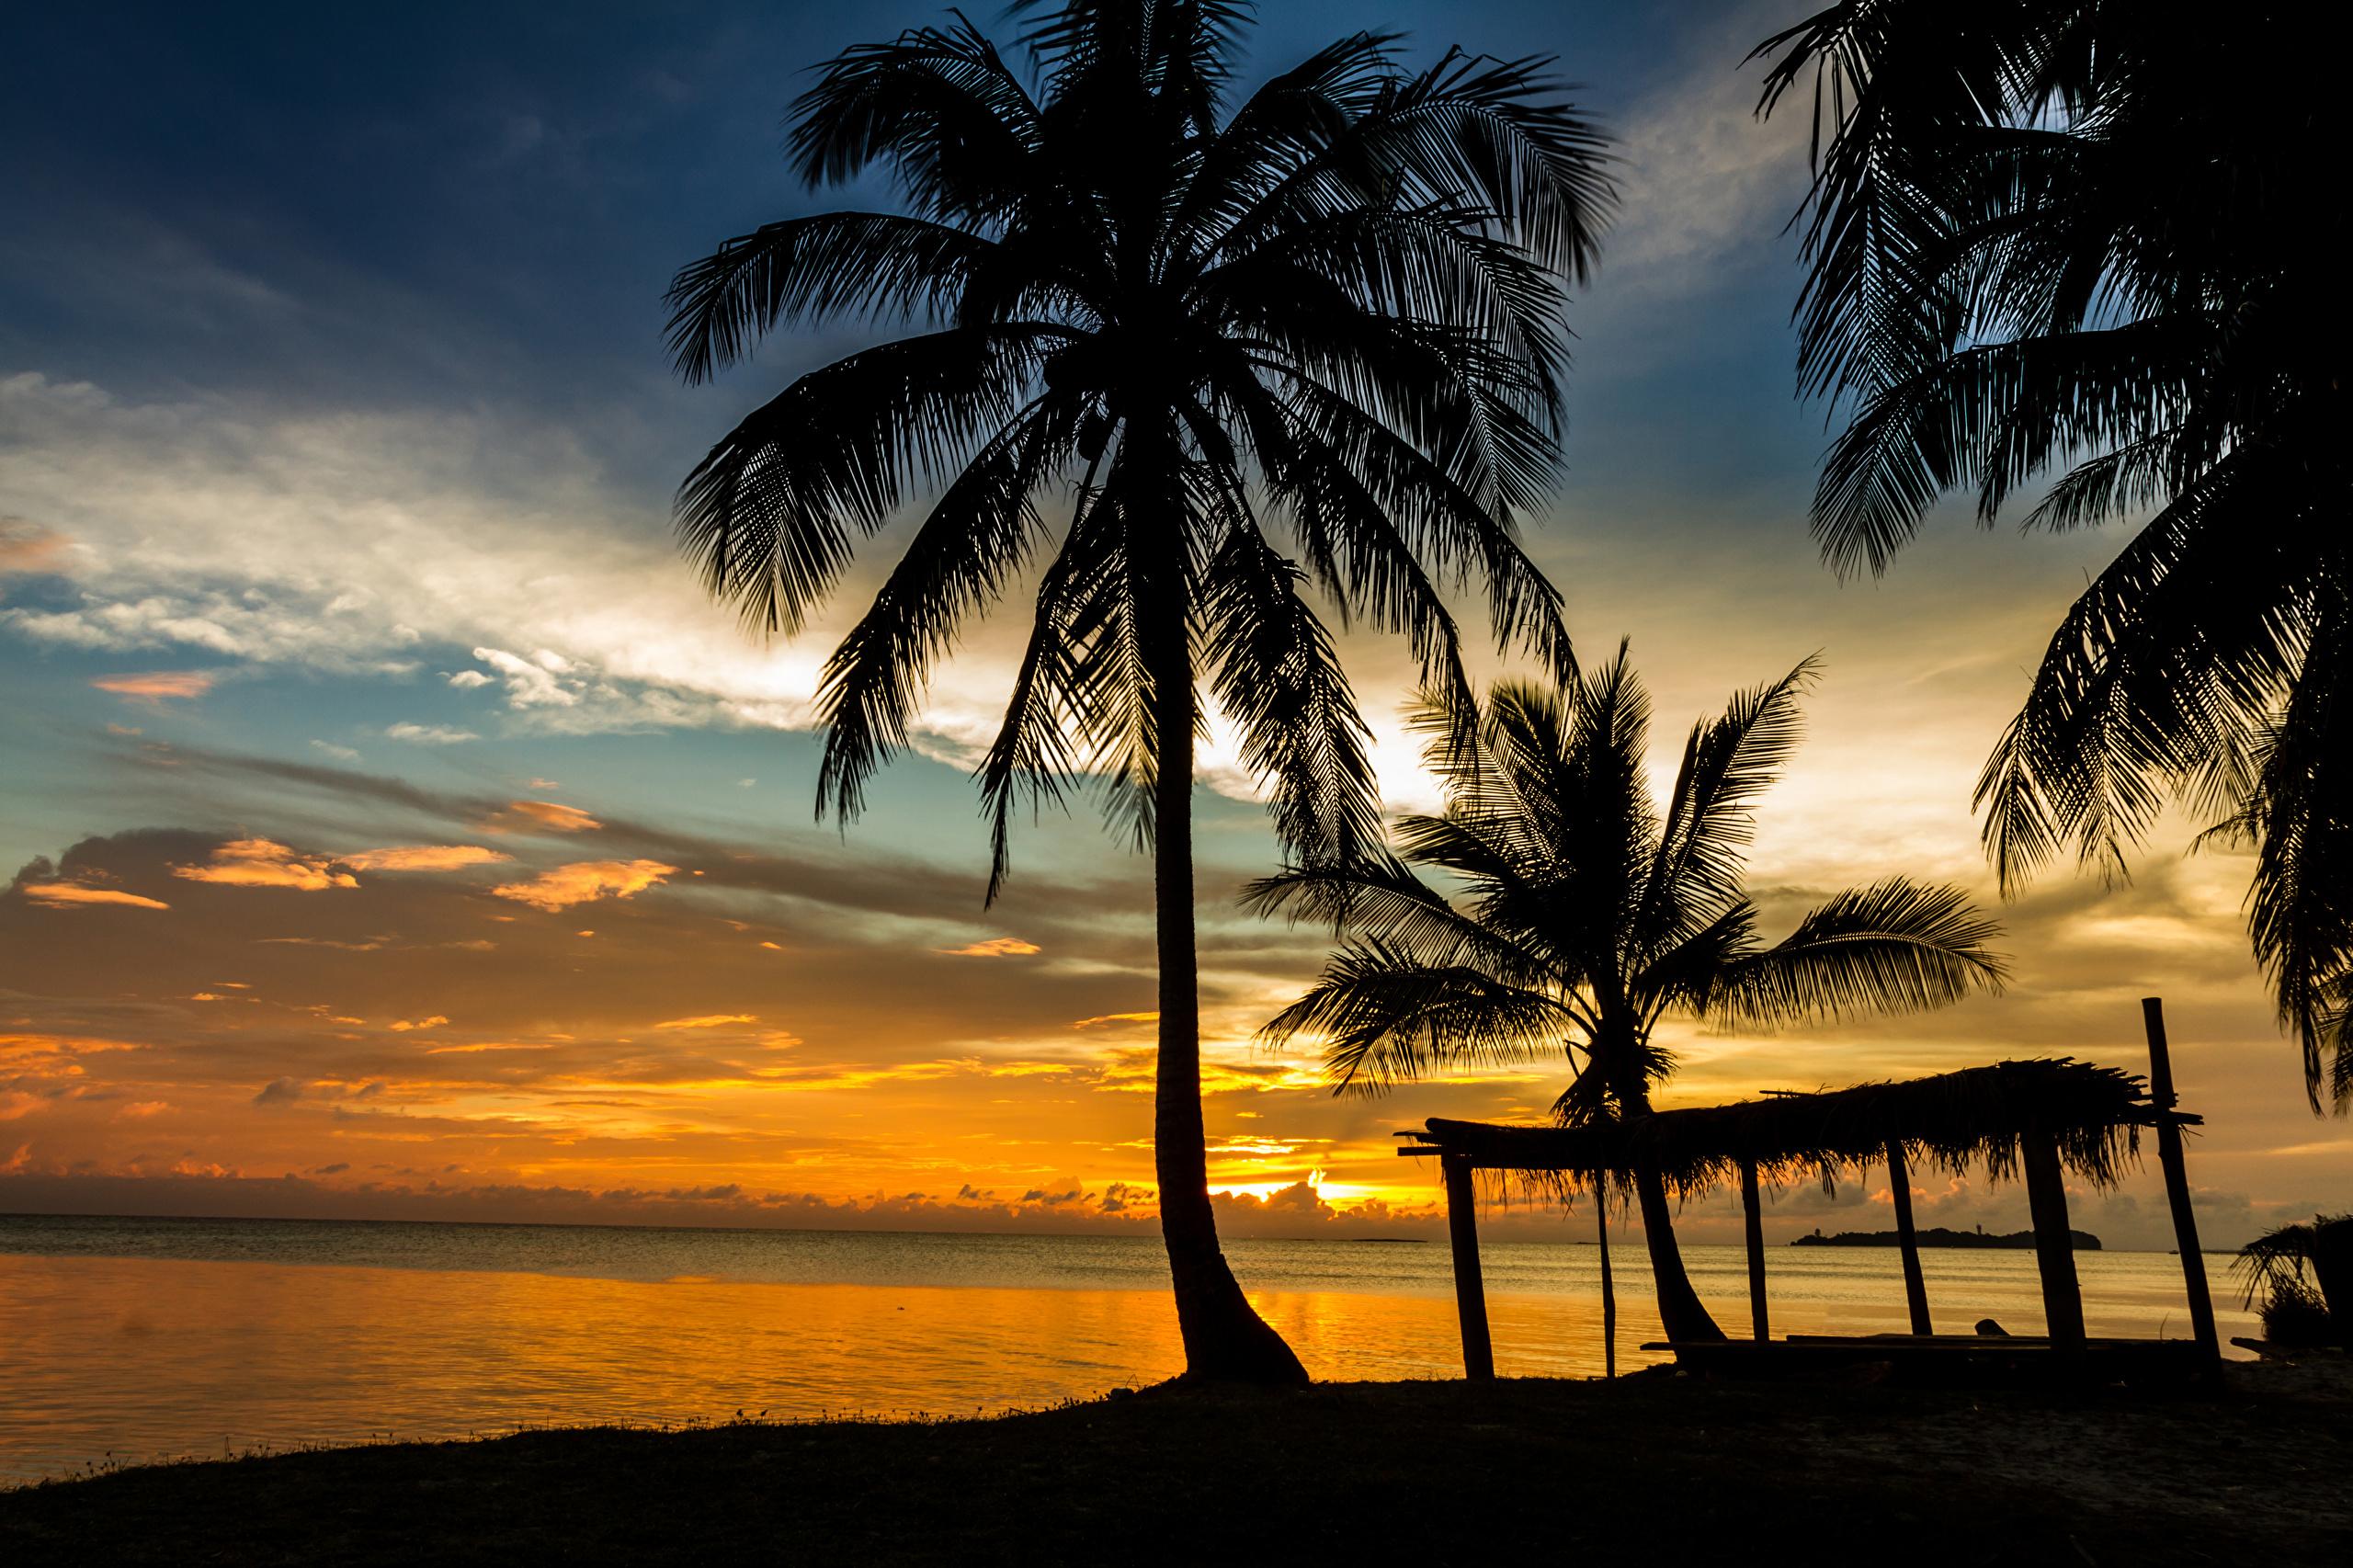 закат море пальмы скачать